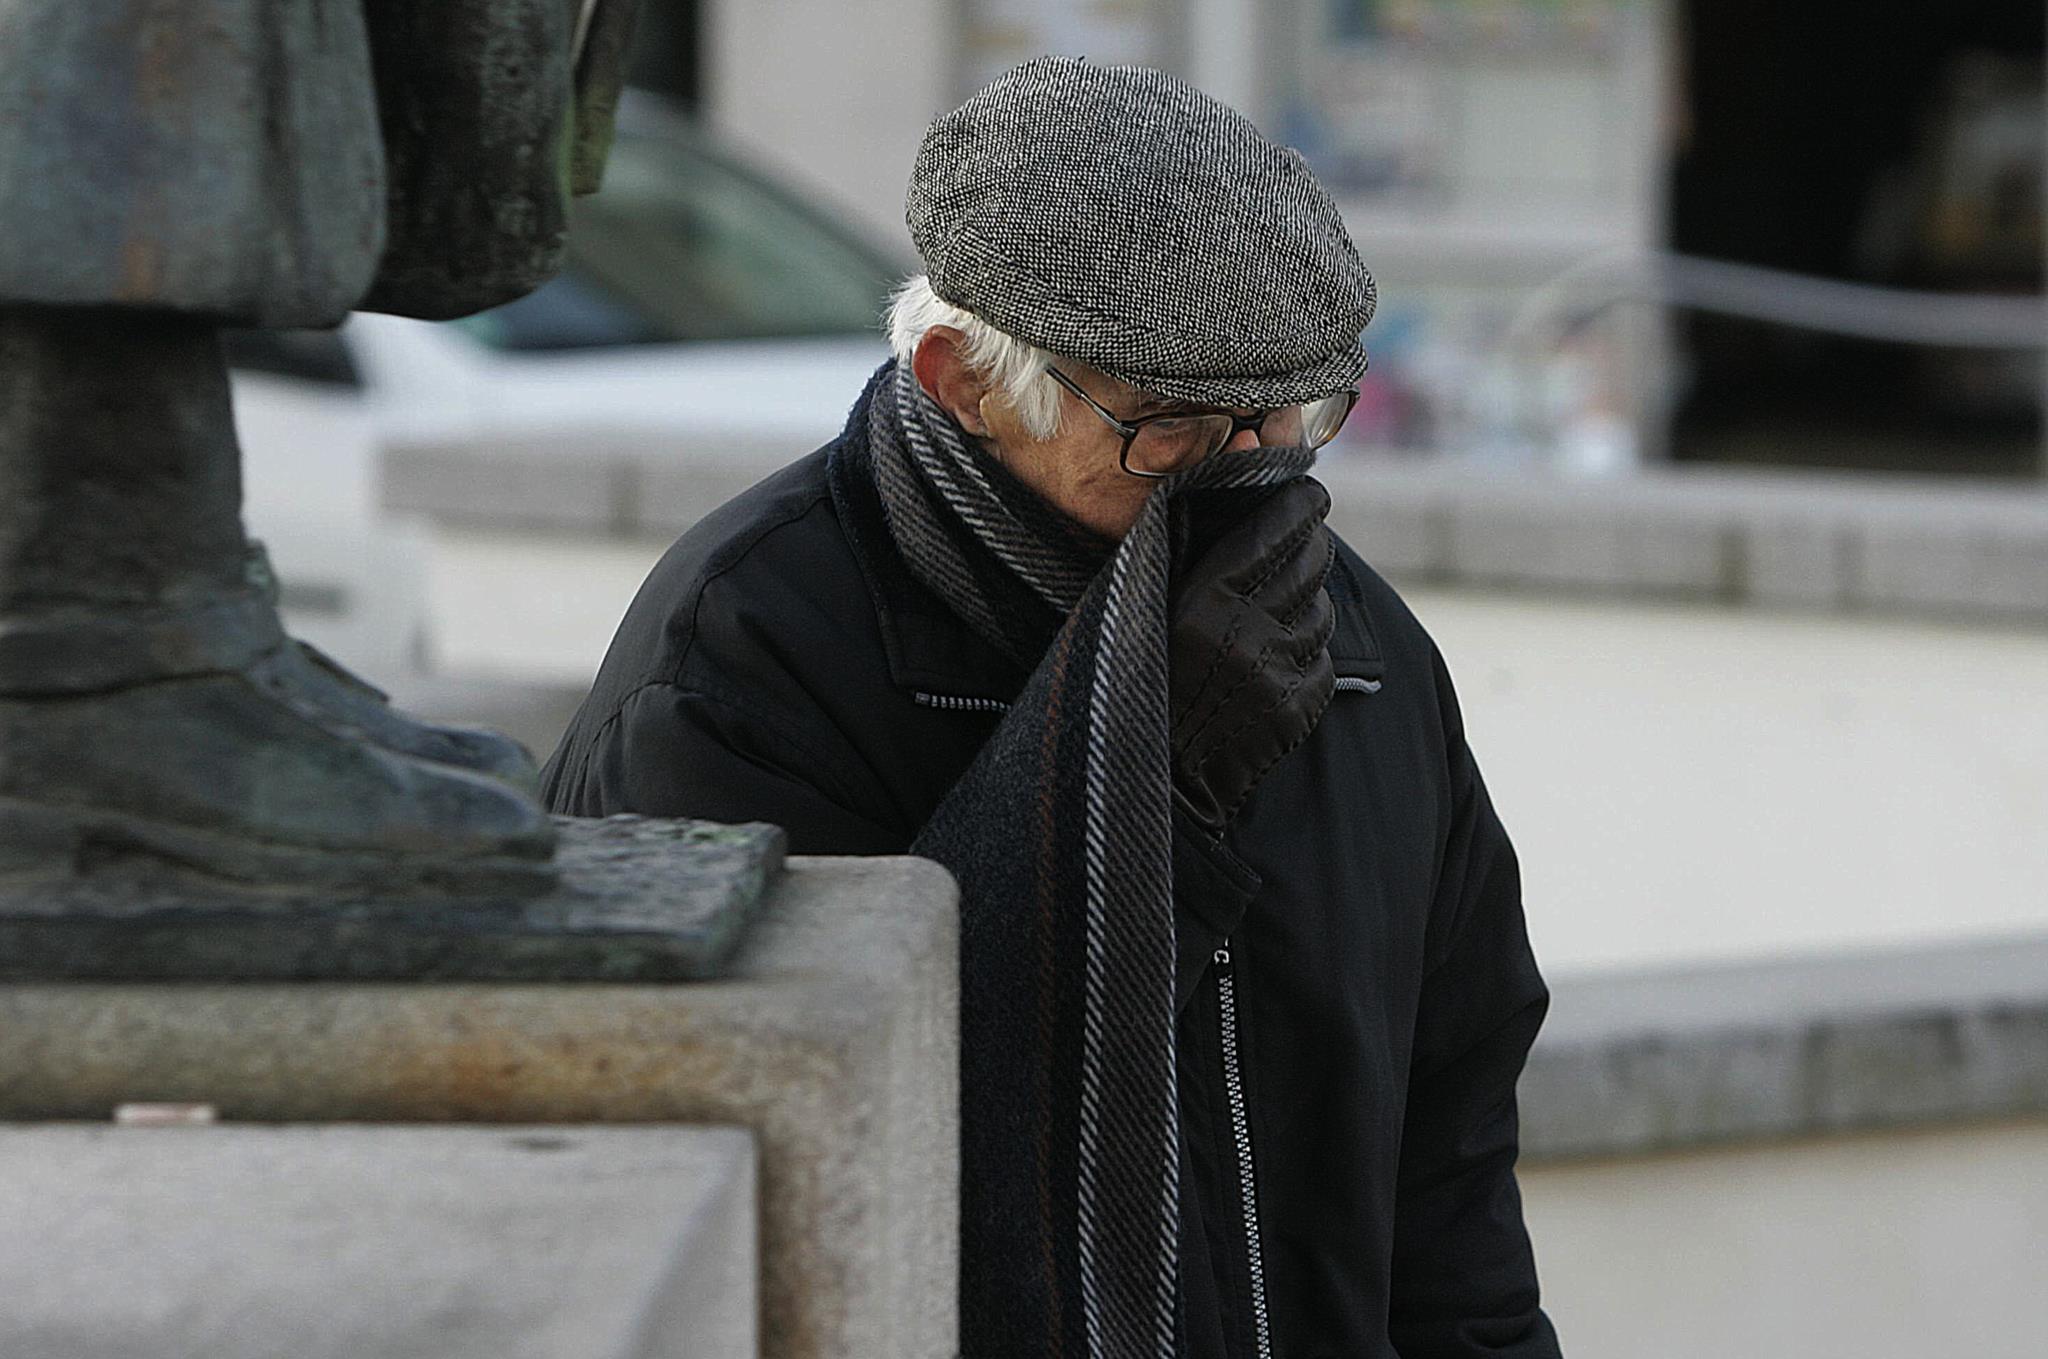 Os mal humorados morrem mais cedo?